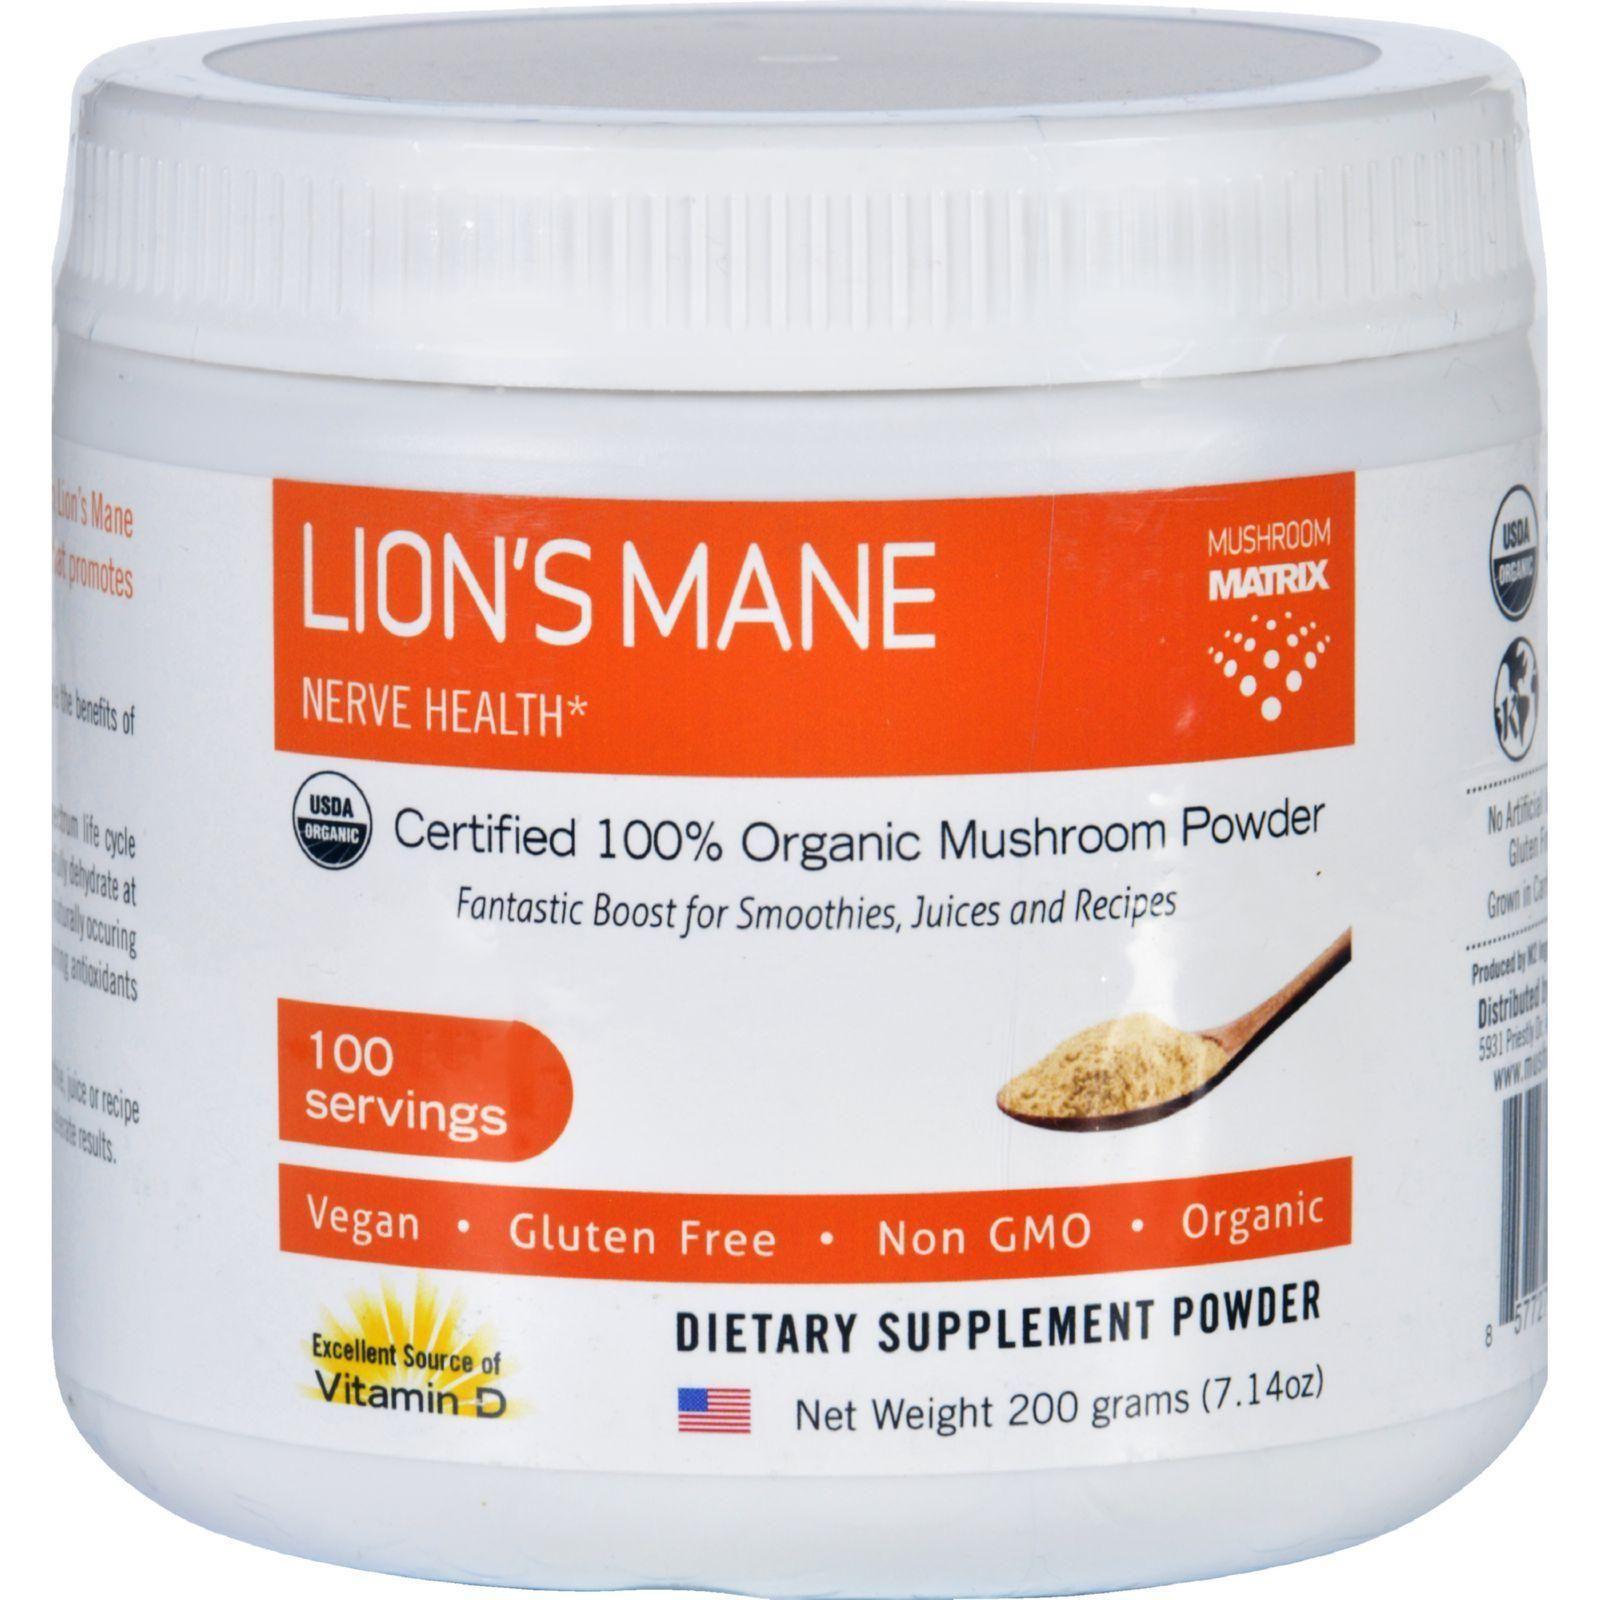 Mushroom Matrix Lions Mane Organic Powder 7.14 Oz